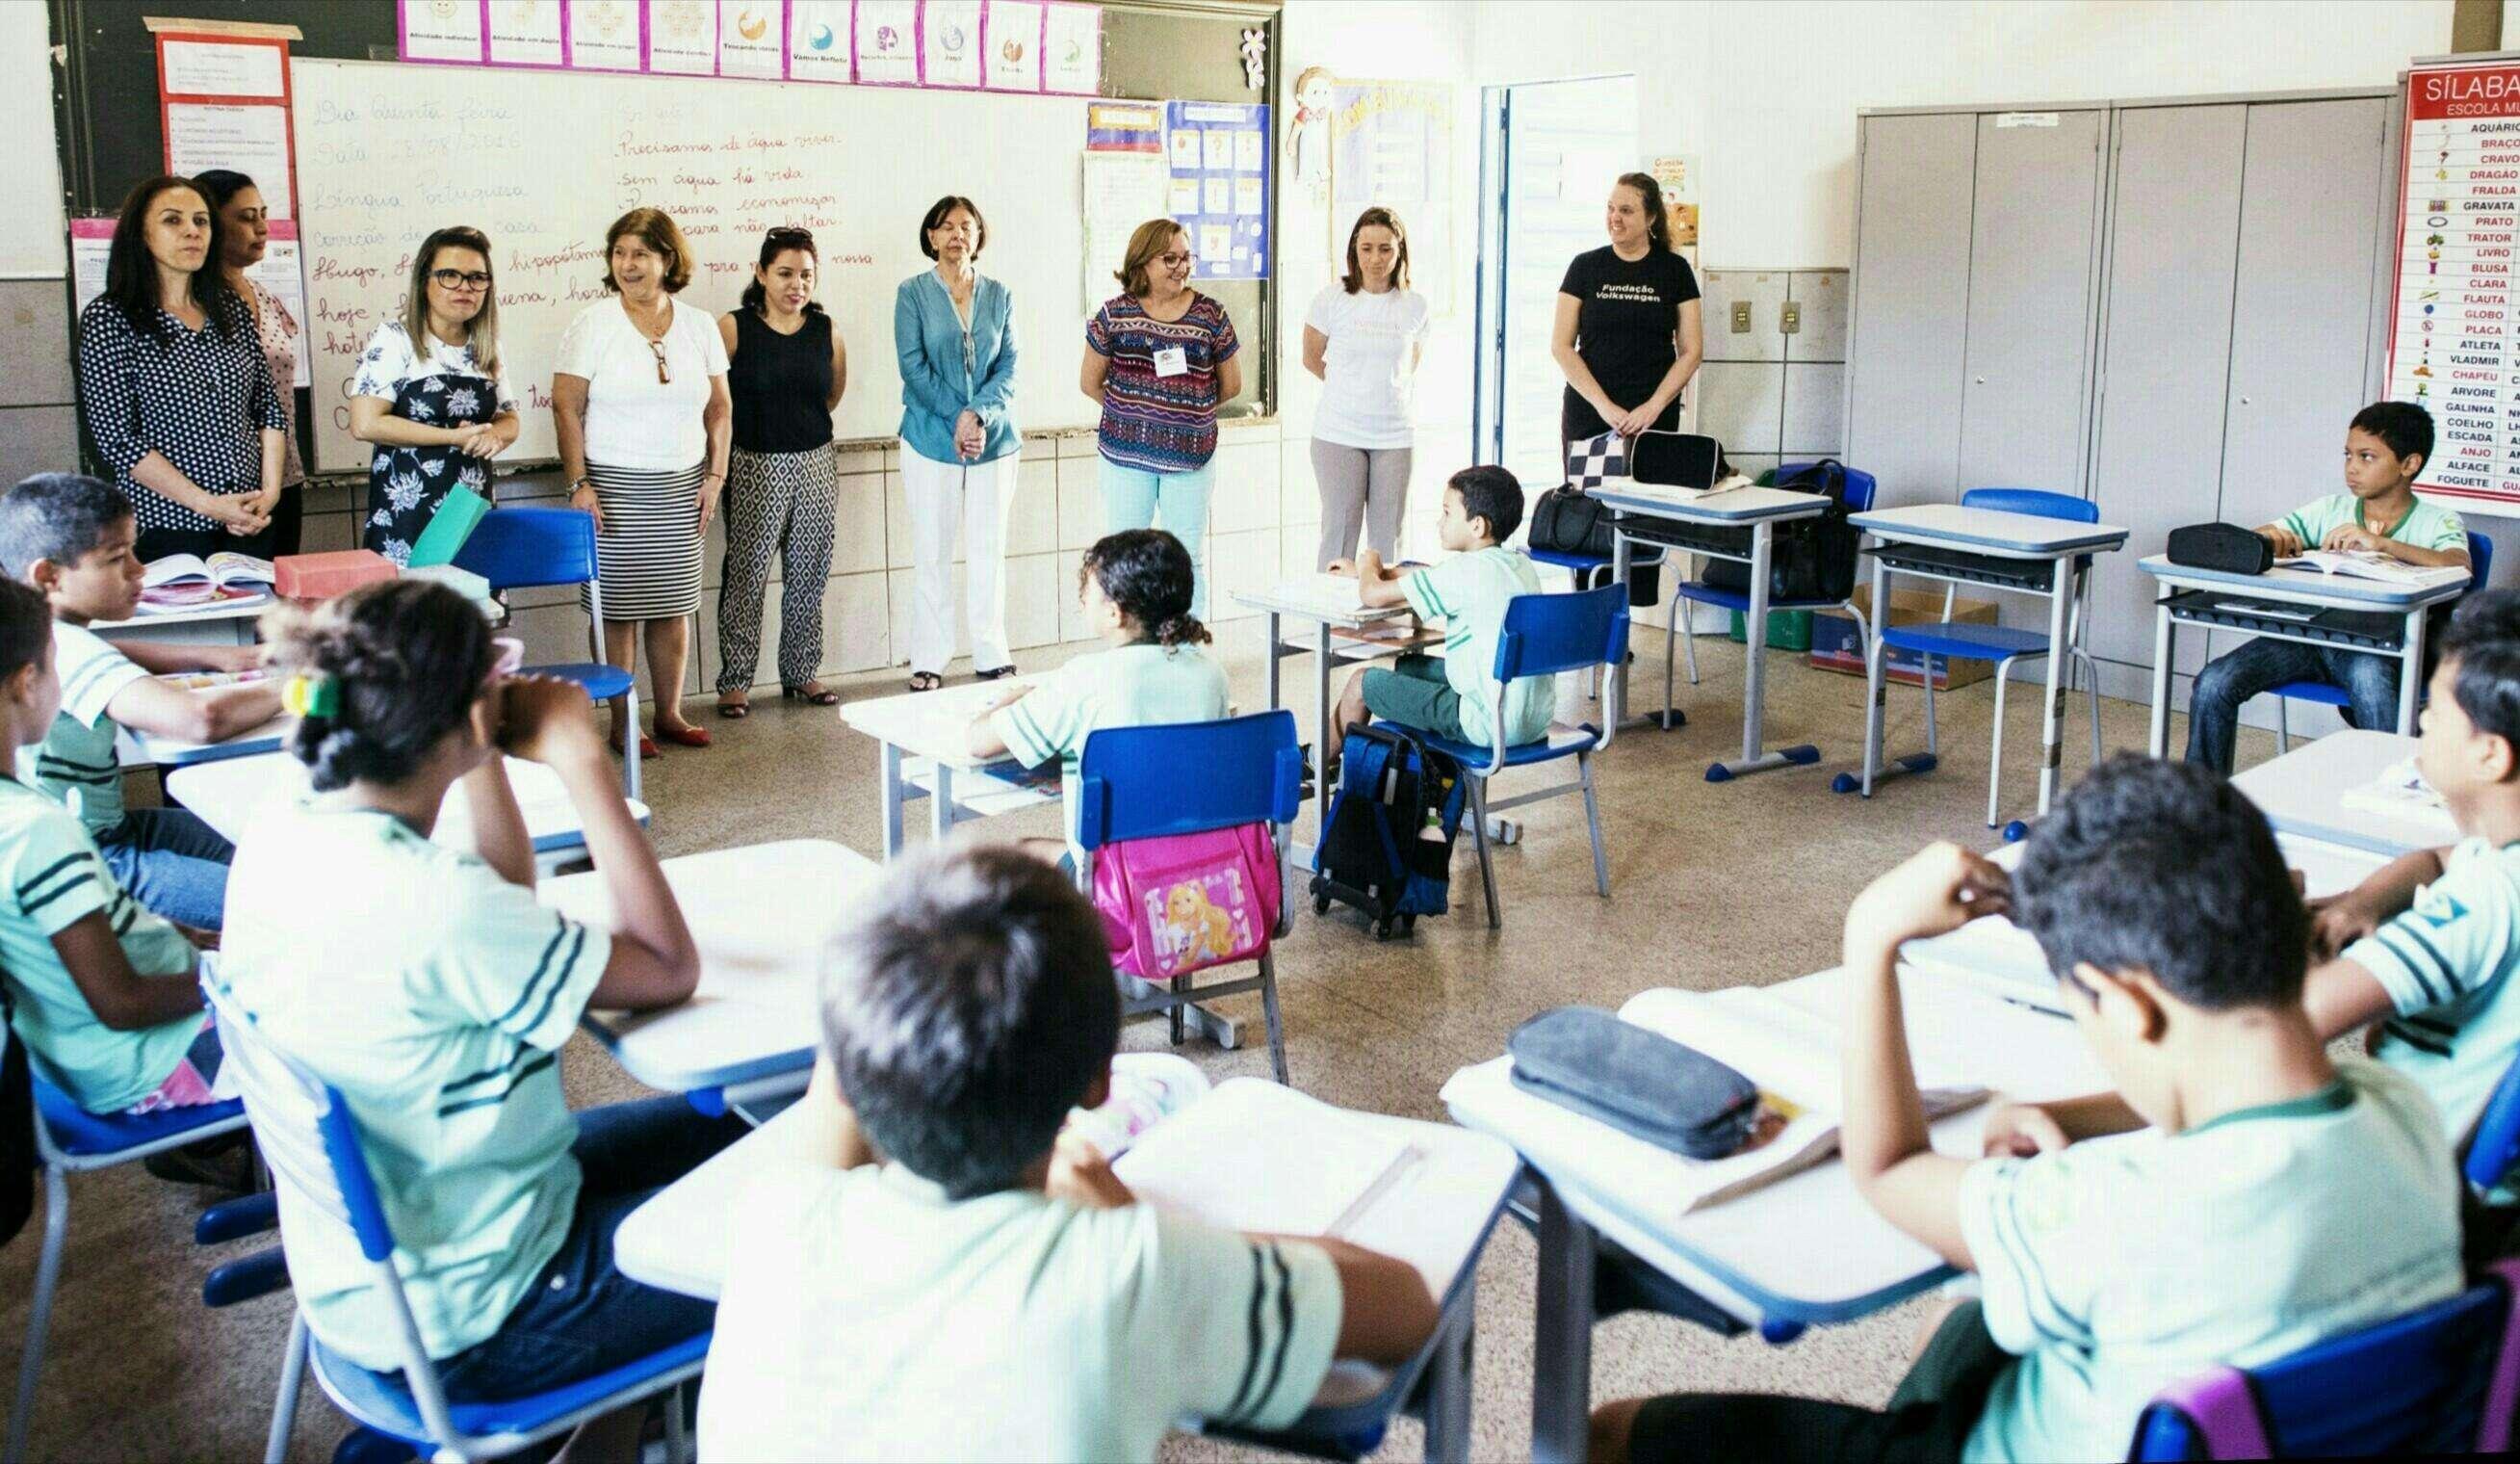 Fundação Volkswagen e Instituto Ayrton Senna efetivam aceleração do aprendizado em Teresina